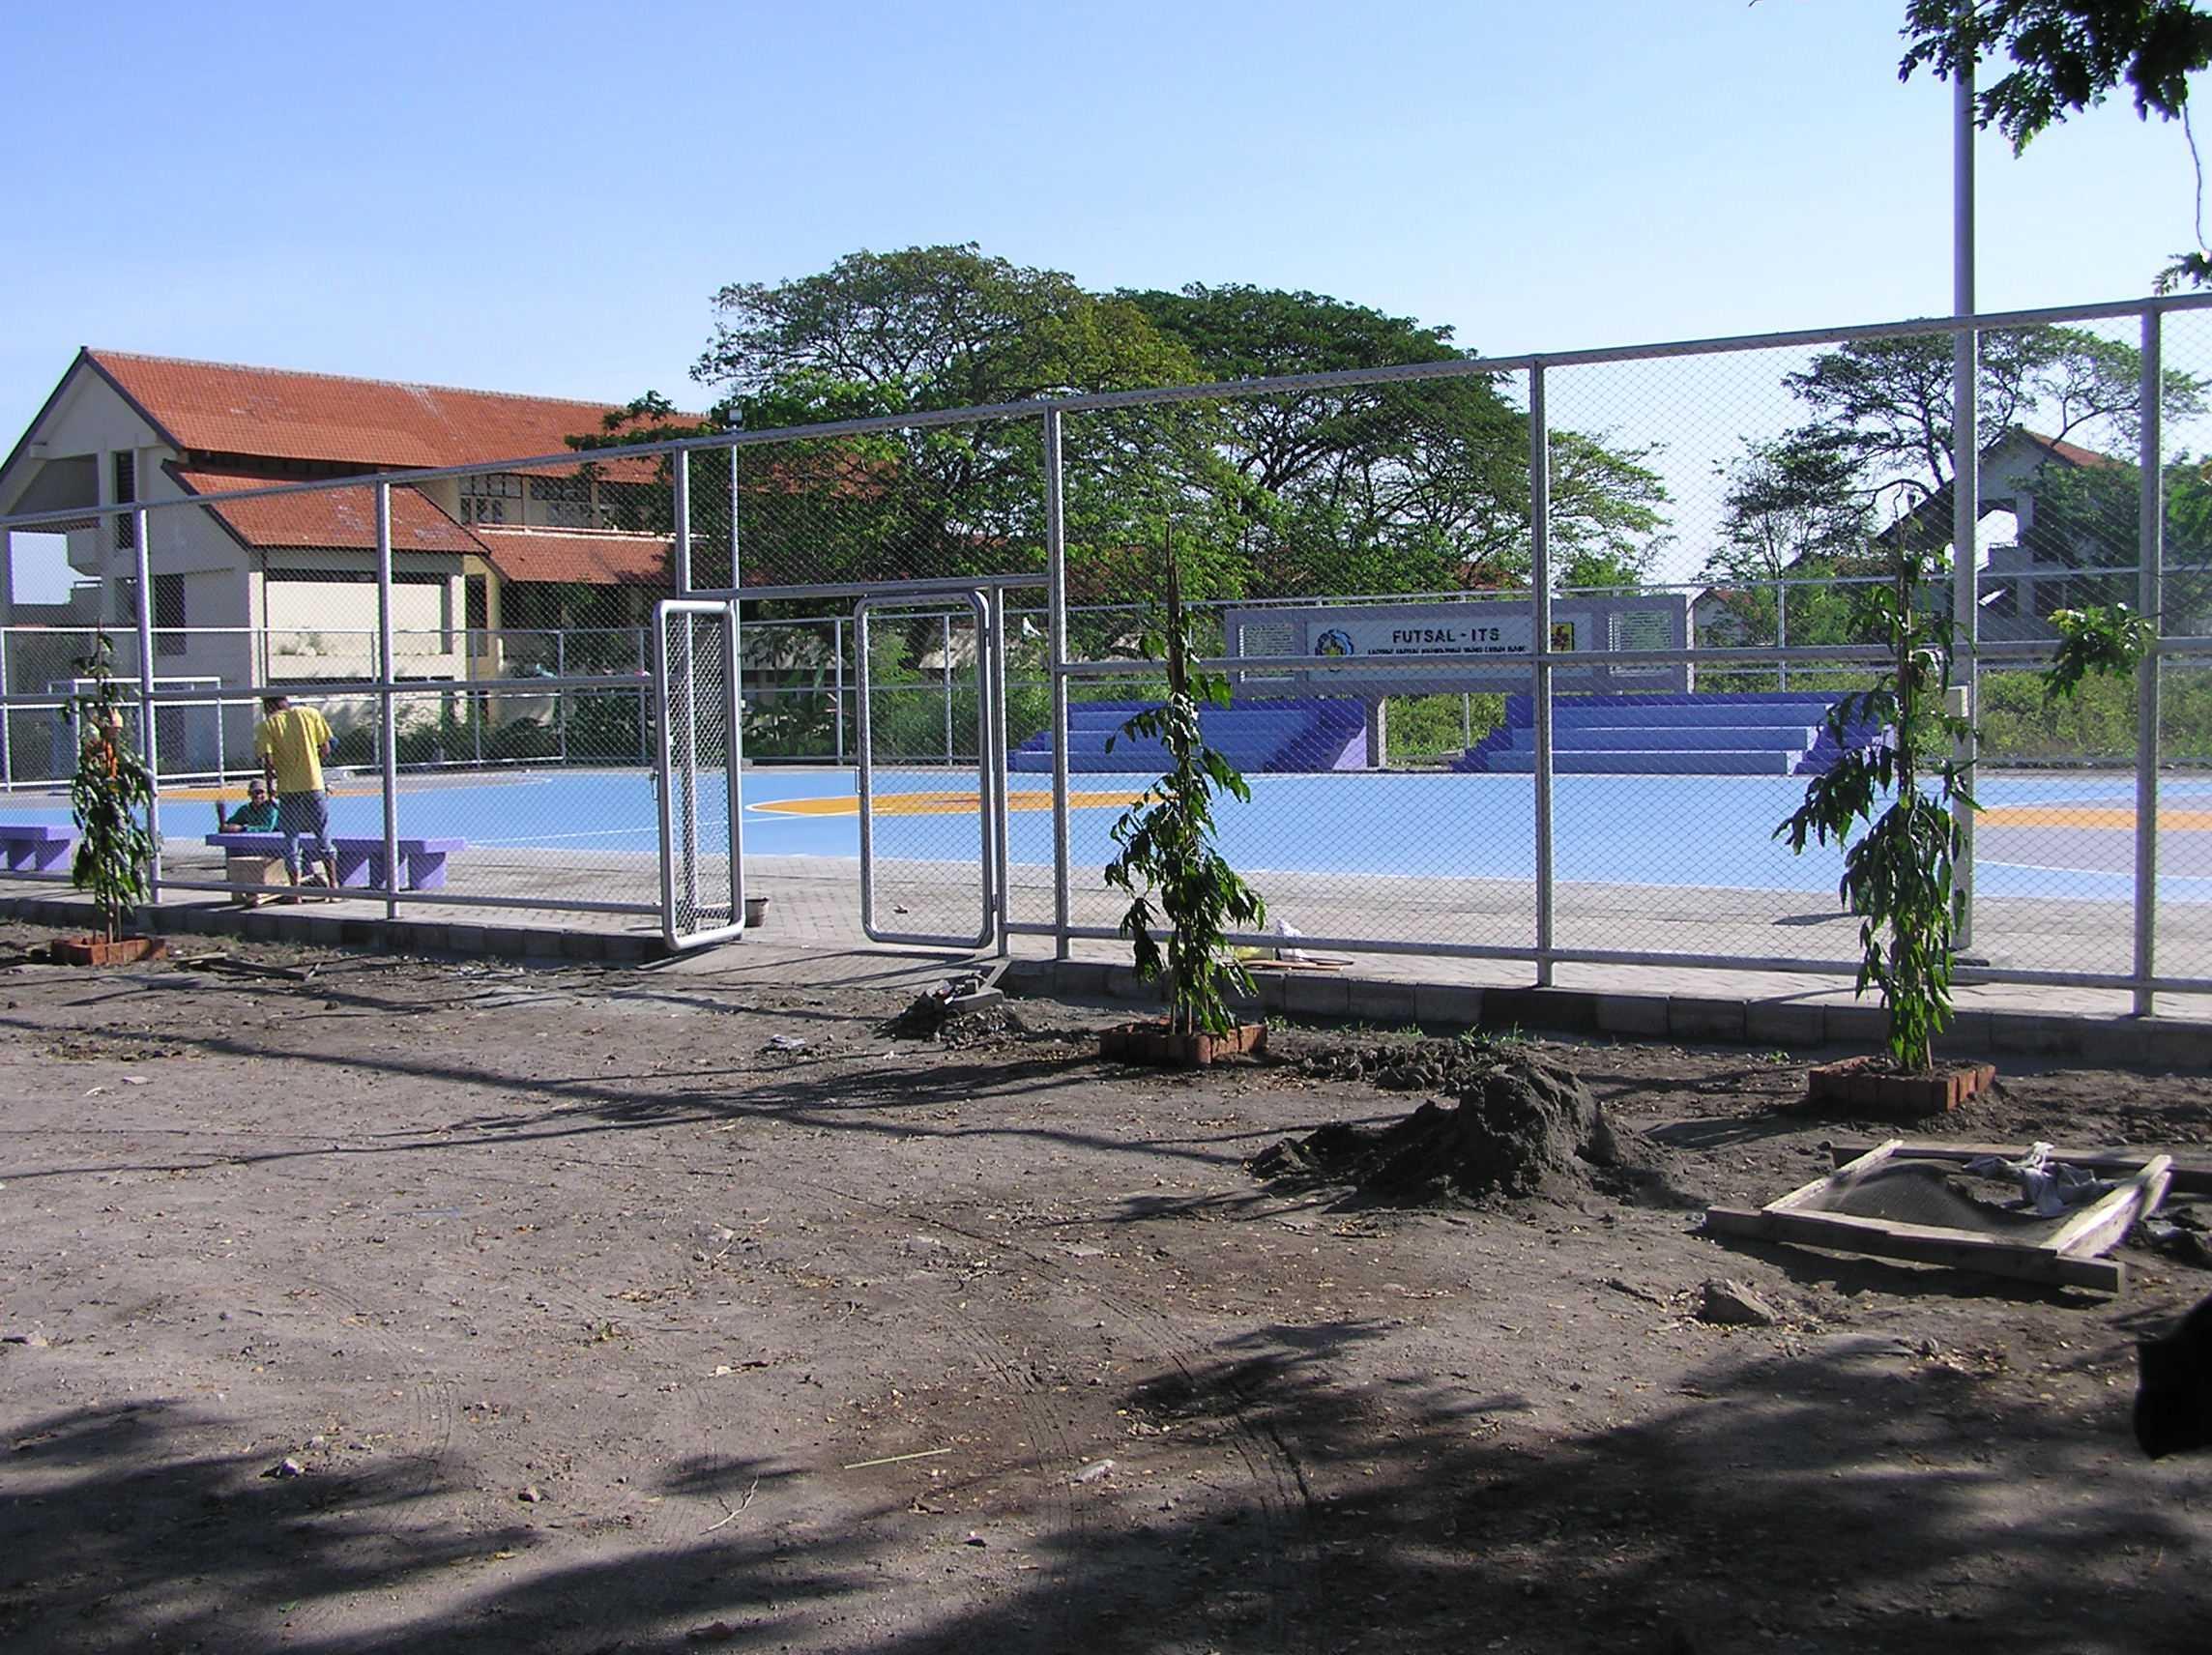 Ega Cipta Pratama Lapangan Futsal Its Kota Sby, Jawa Timur, Indonesia Kota Sby, Jawa Timur, Indonesia Ega-Cipta-Pratama-Lapangan-Futsal-Its   55442